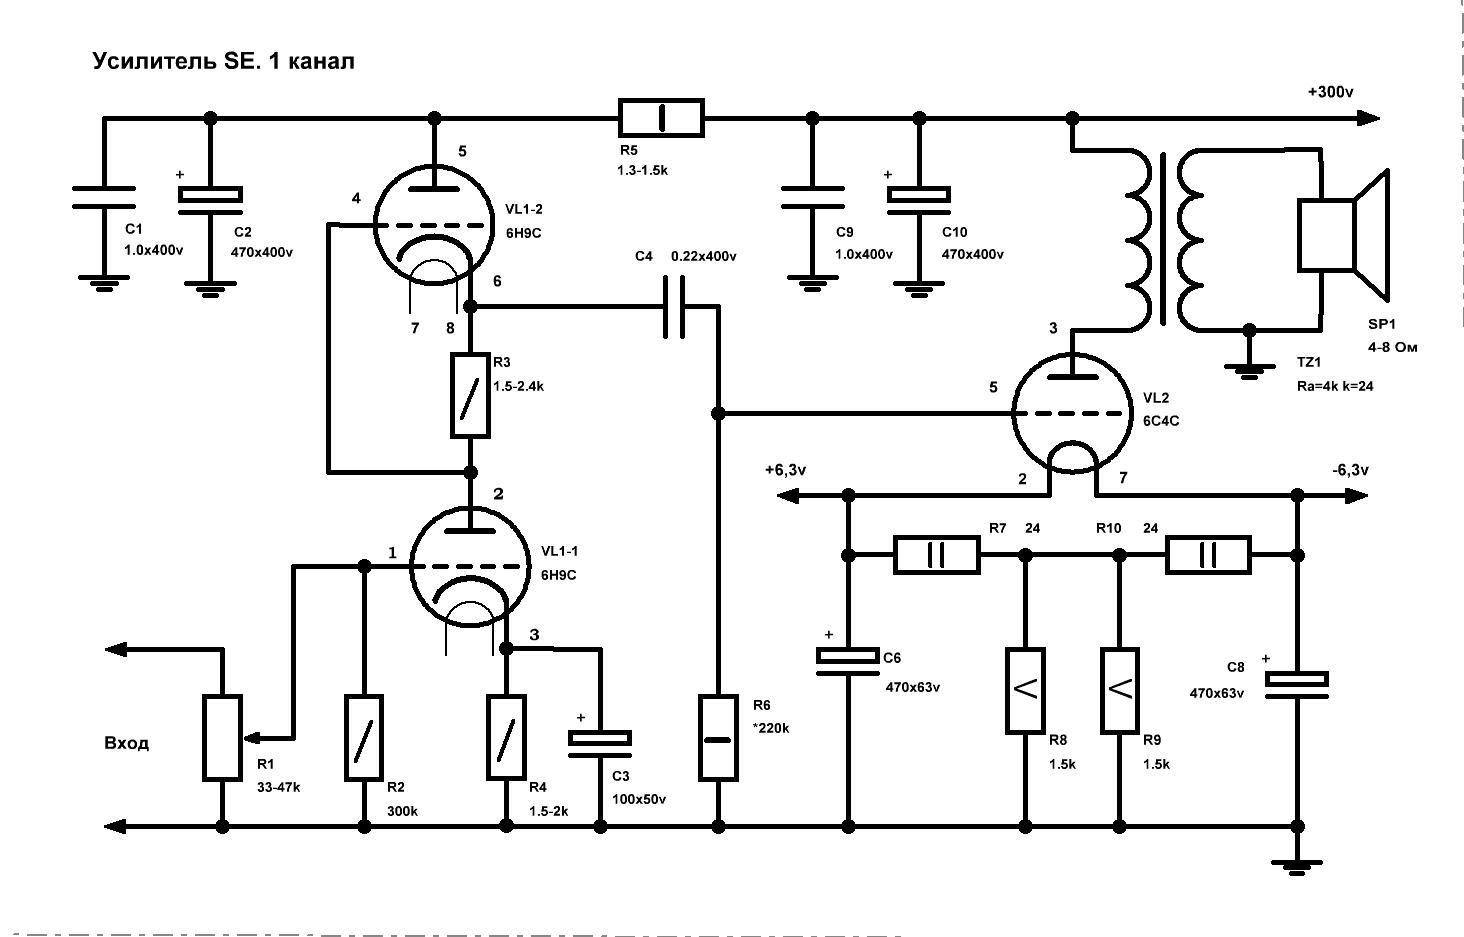 Схема однотактного усилителя 6н9с